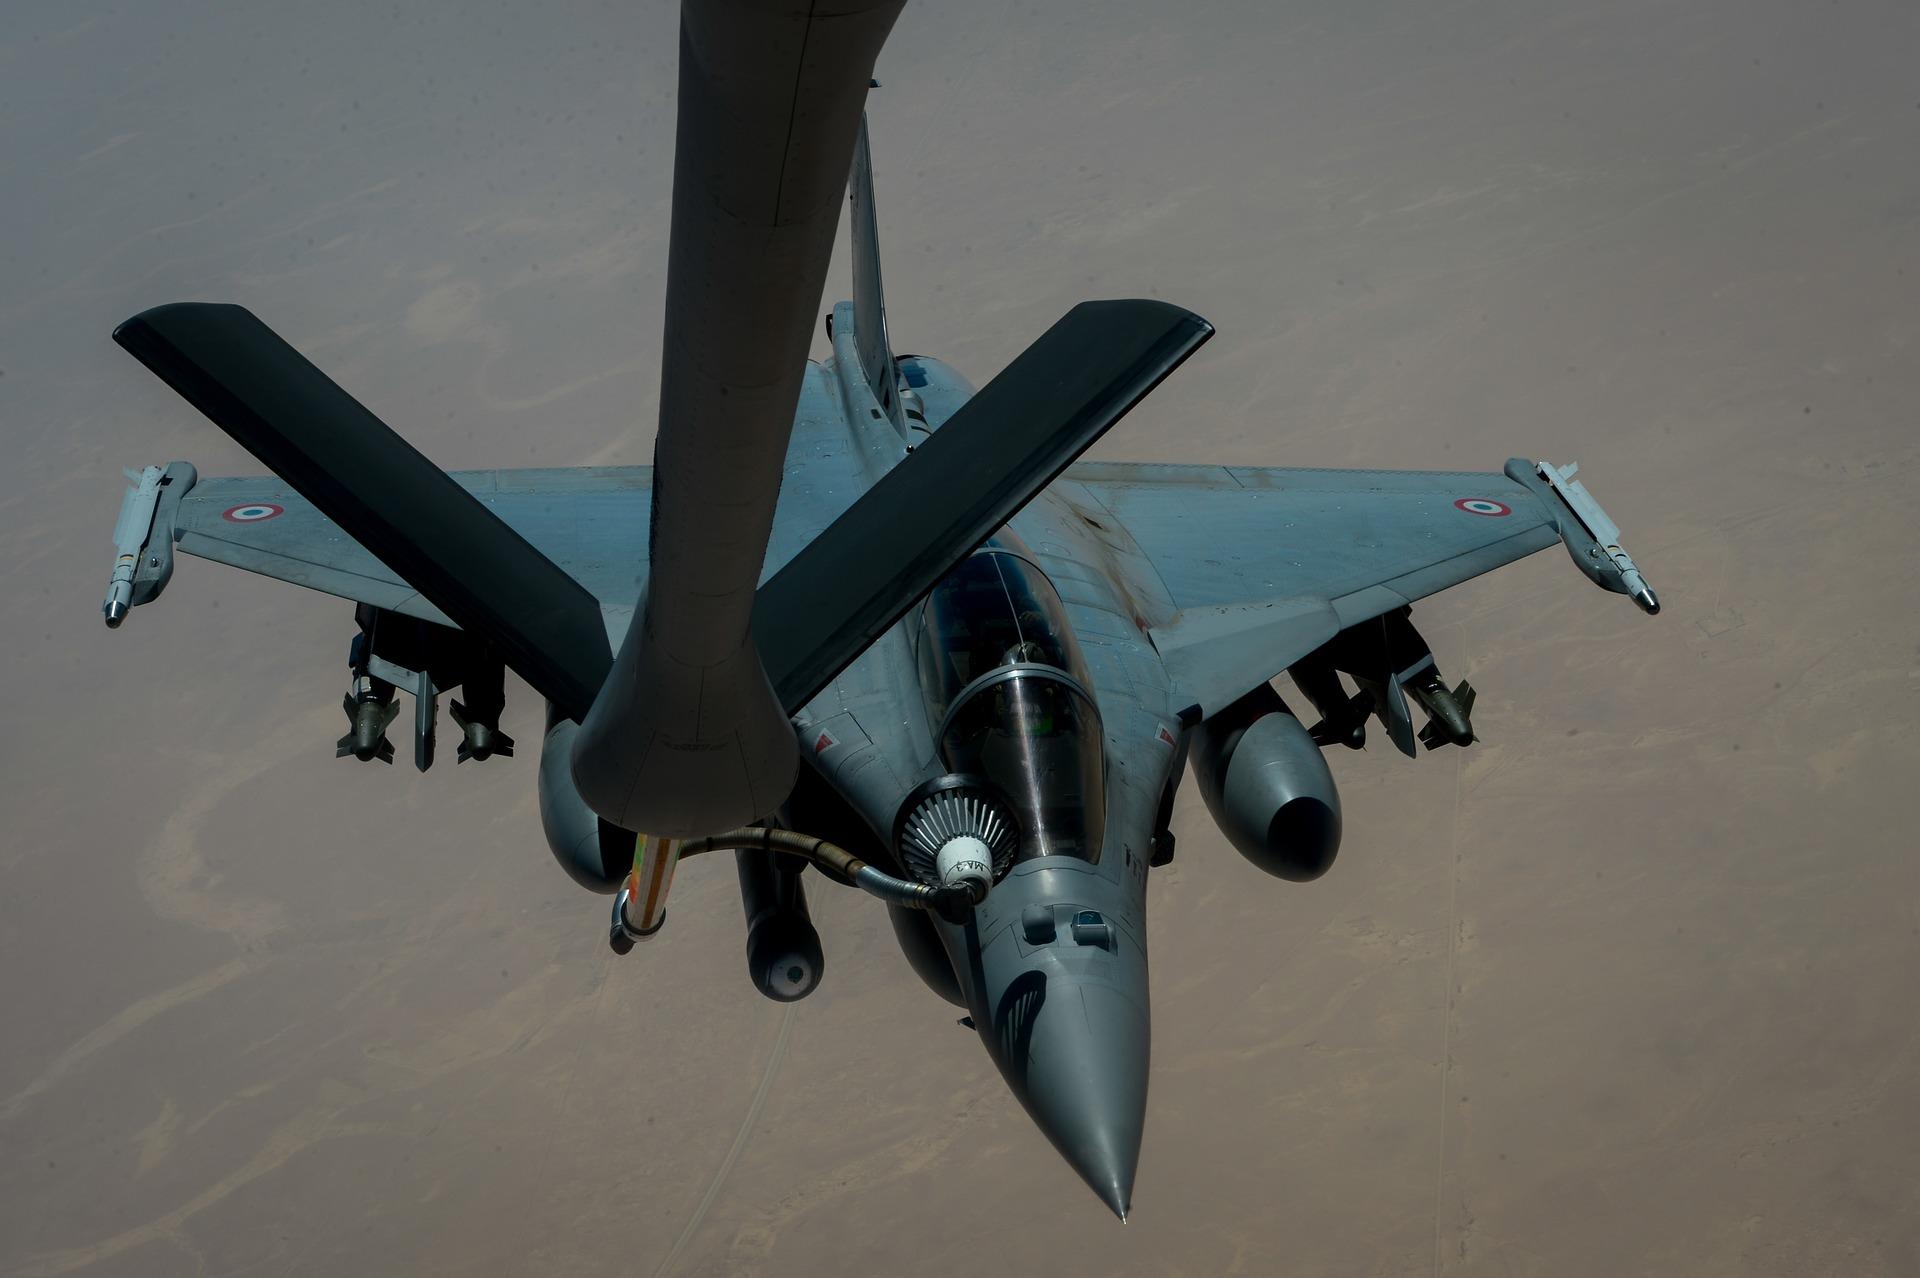 Une relance par l'offre afin de consolider les pépites de notre industrie de défense